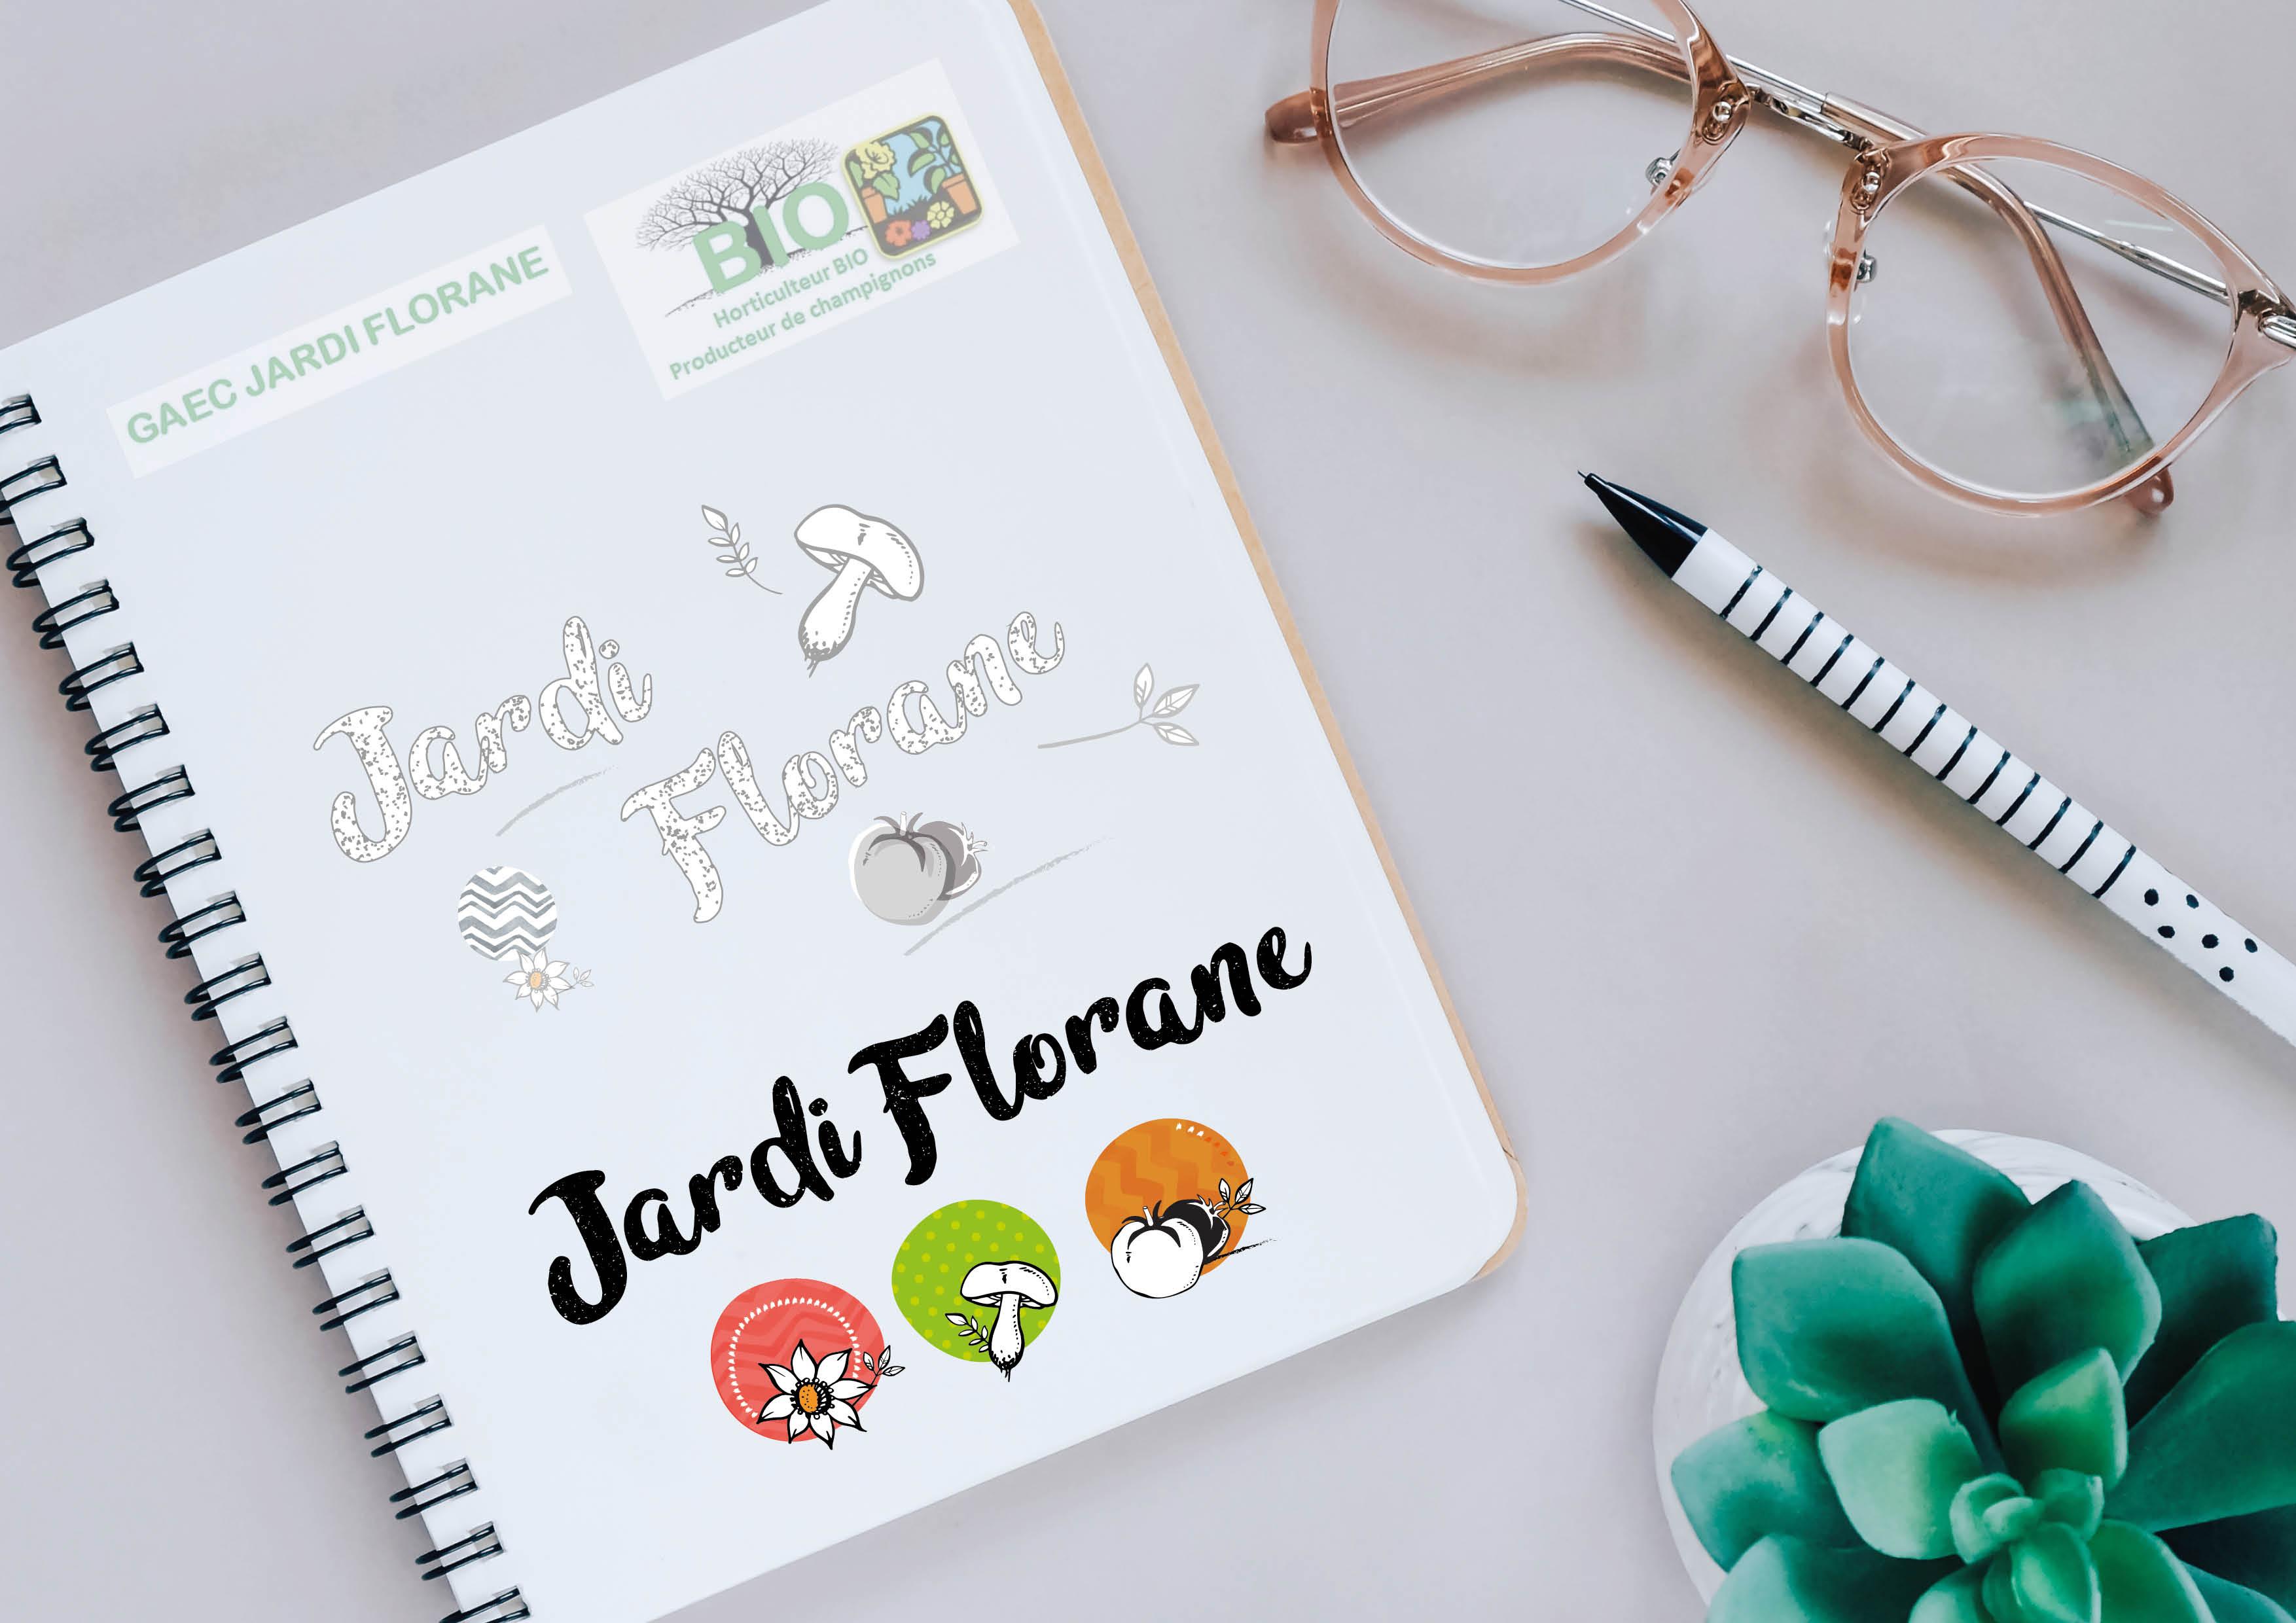 logo_jardin_copycolorservice bressuire